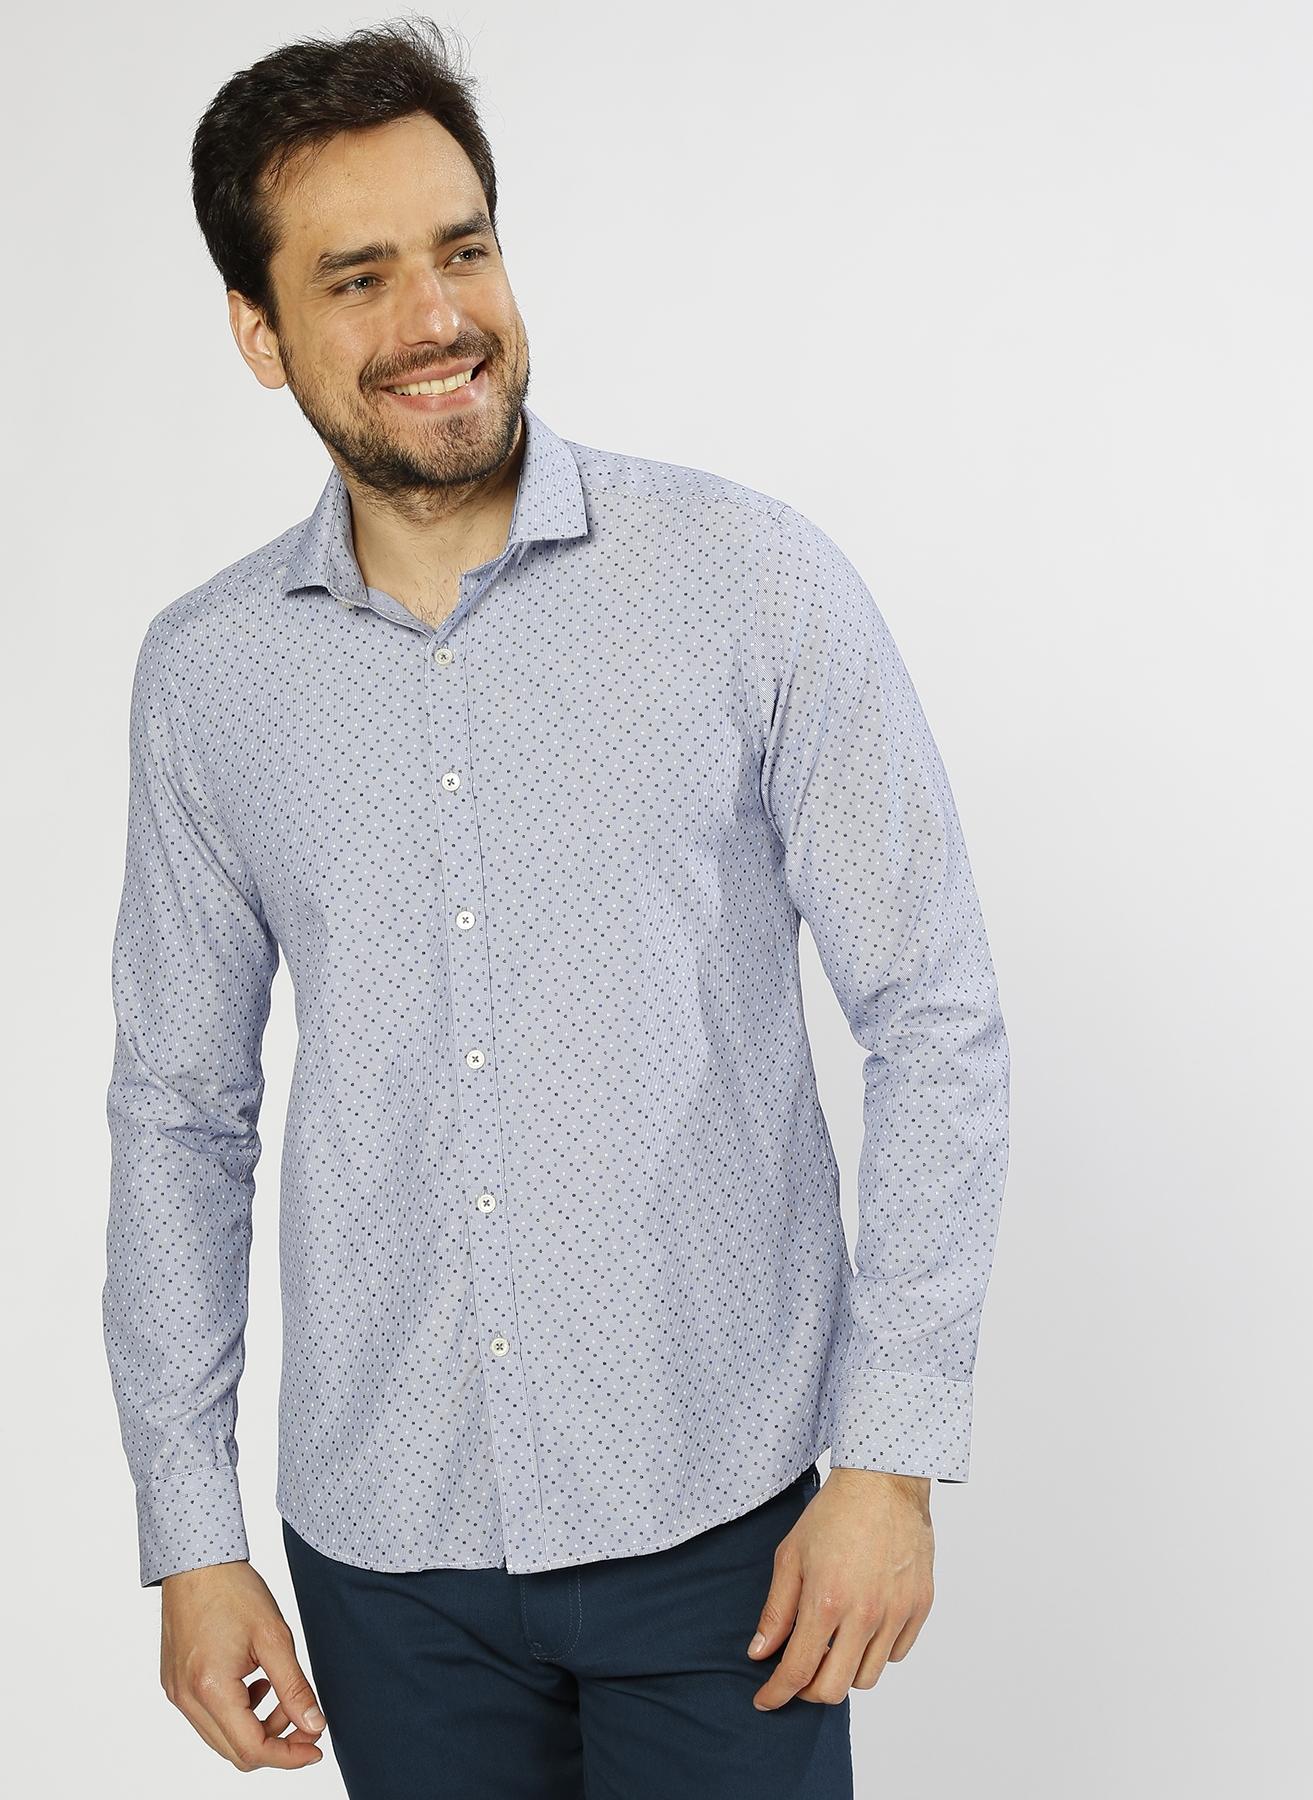 Altinyildiz Classic Desenli Mavi Gömlek XL 5000208422004 Ürün Resmi